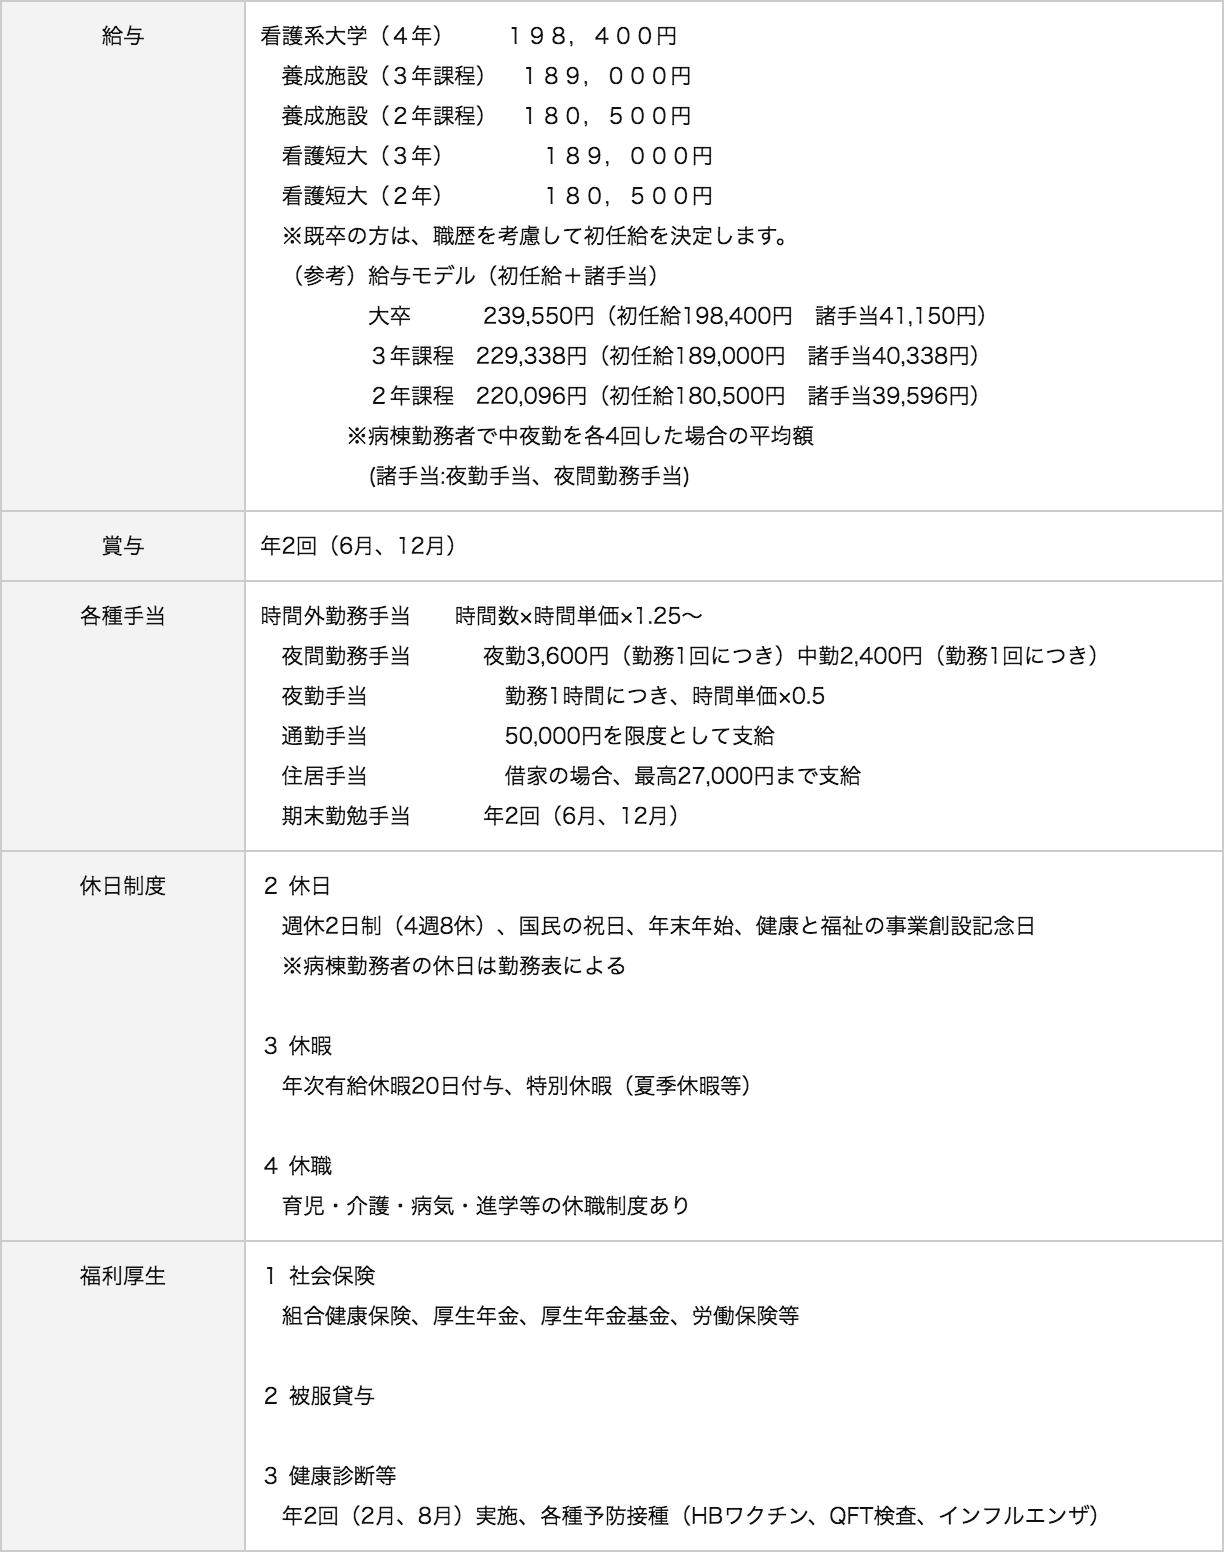 労働者健康福祉機構香川労災病院待遇